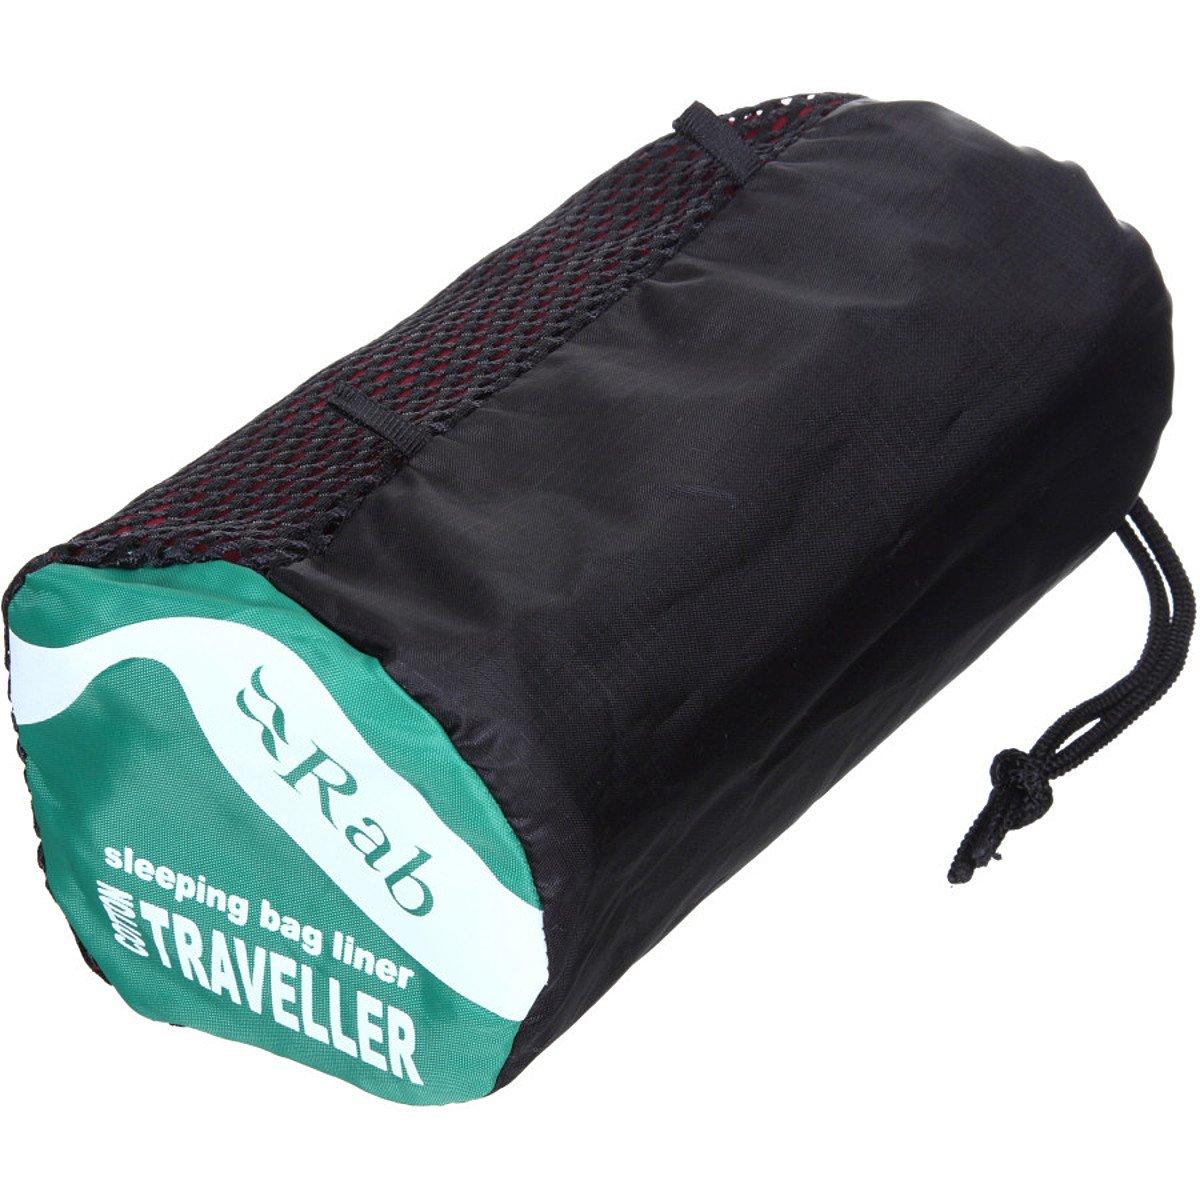 RAB Schlafsack Inlett Standard - Sábana para saco de dormir, talla 185 x 92 x 92 cm: Amazon.es: Deportes y aire libre